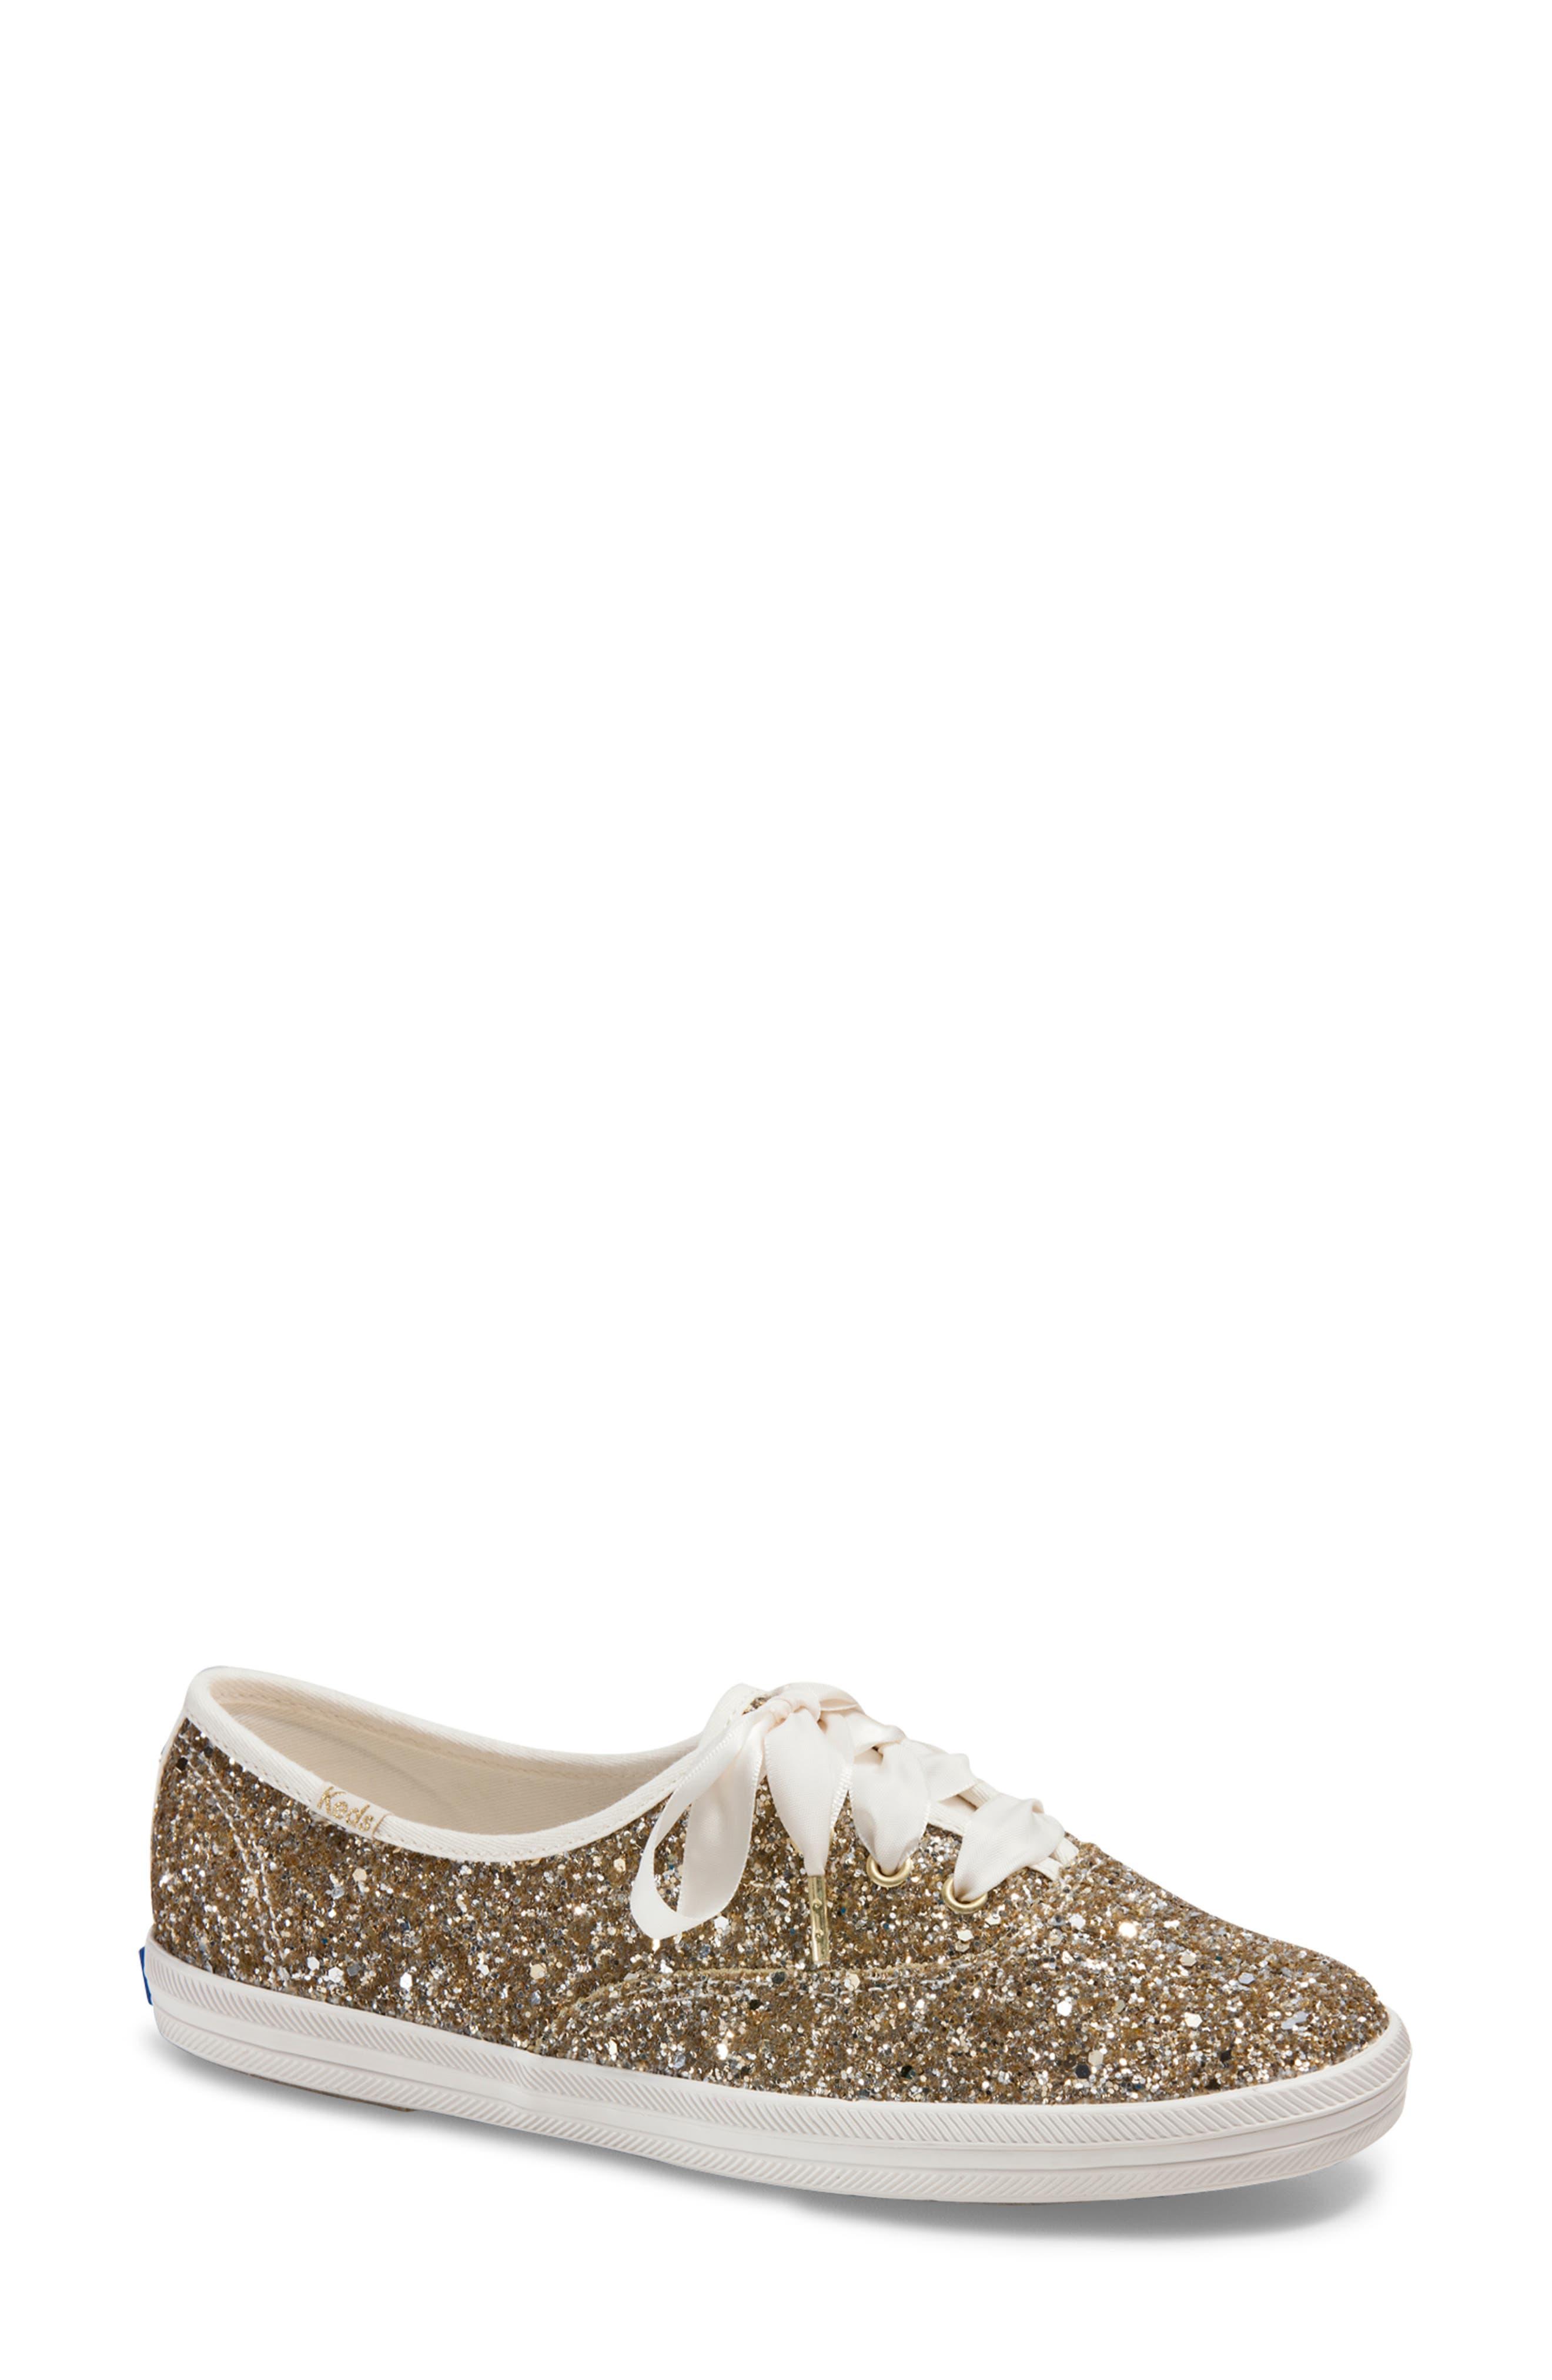 Women's Keds For Kate Spade New York Champion Glitter Sneaker